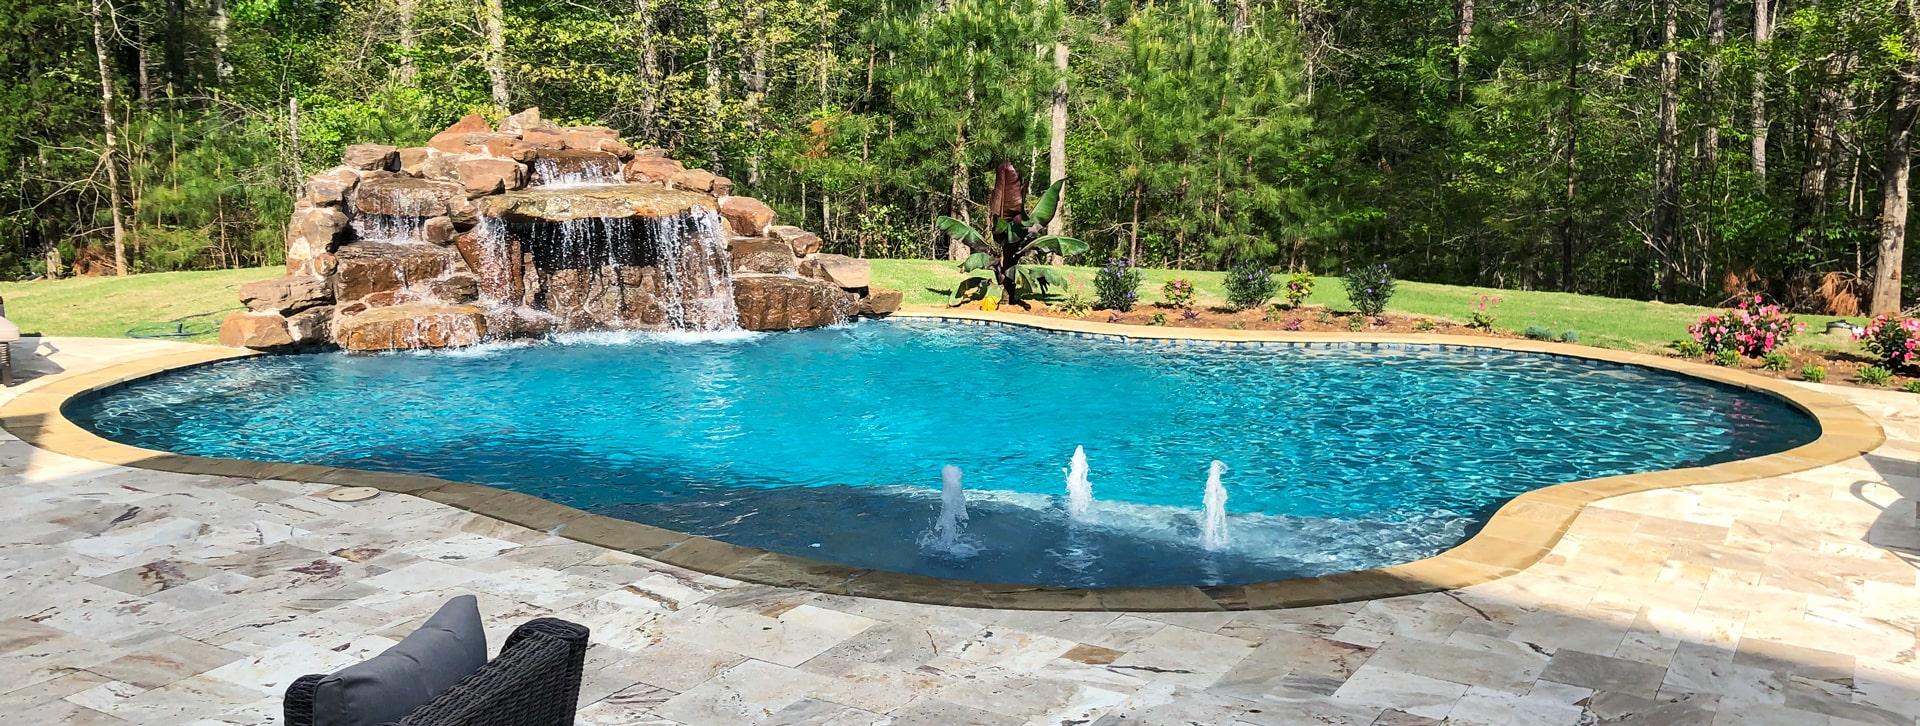 jackson inground pool